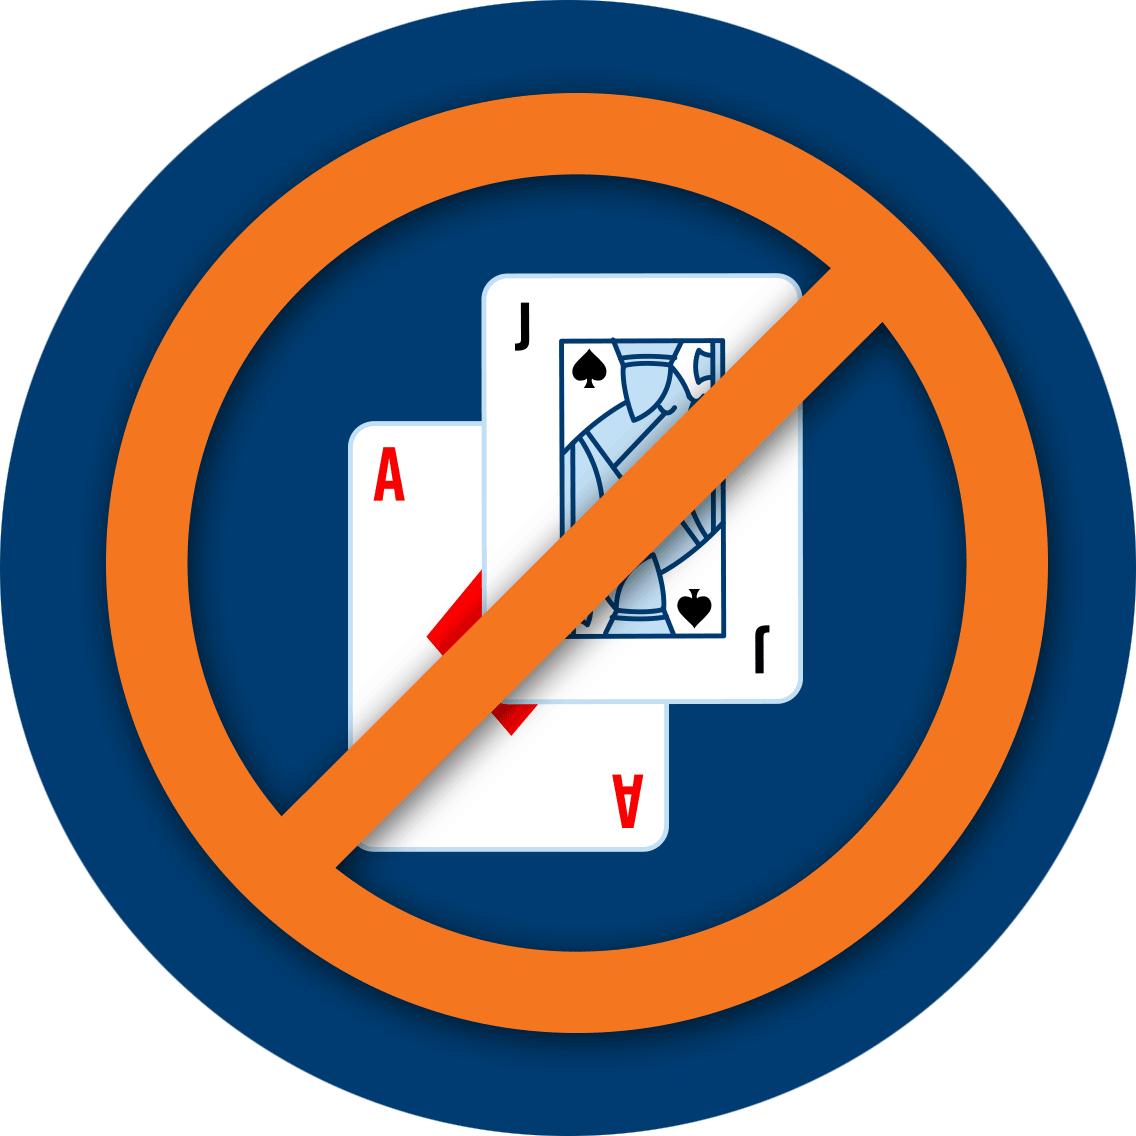 Les deux premières cartes sous le symbole international d'interdiction, ce qui indique un abandon tardif.